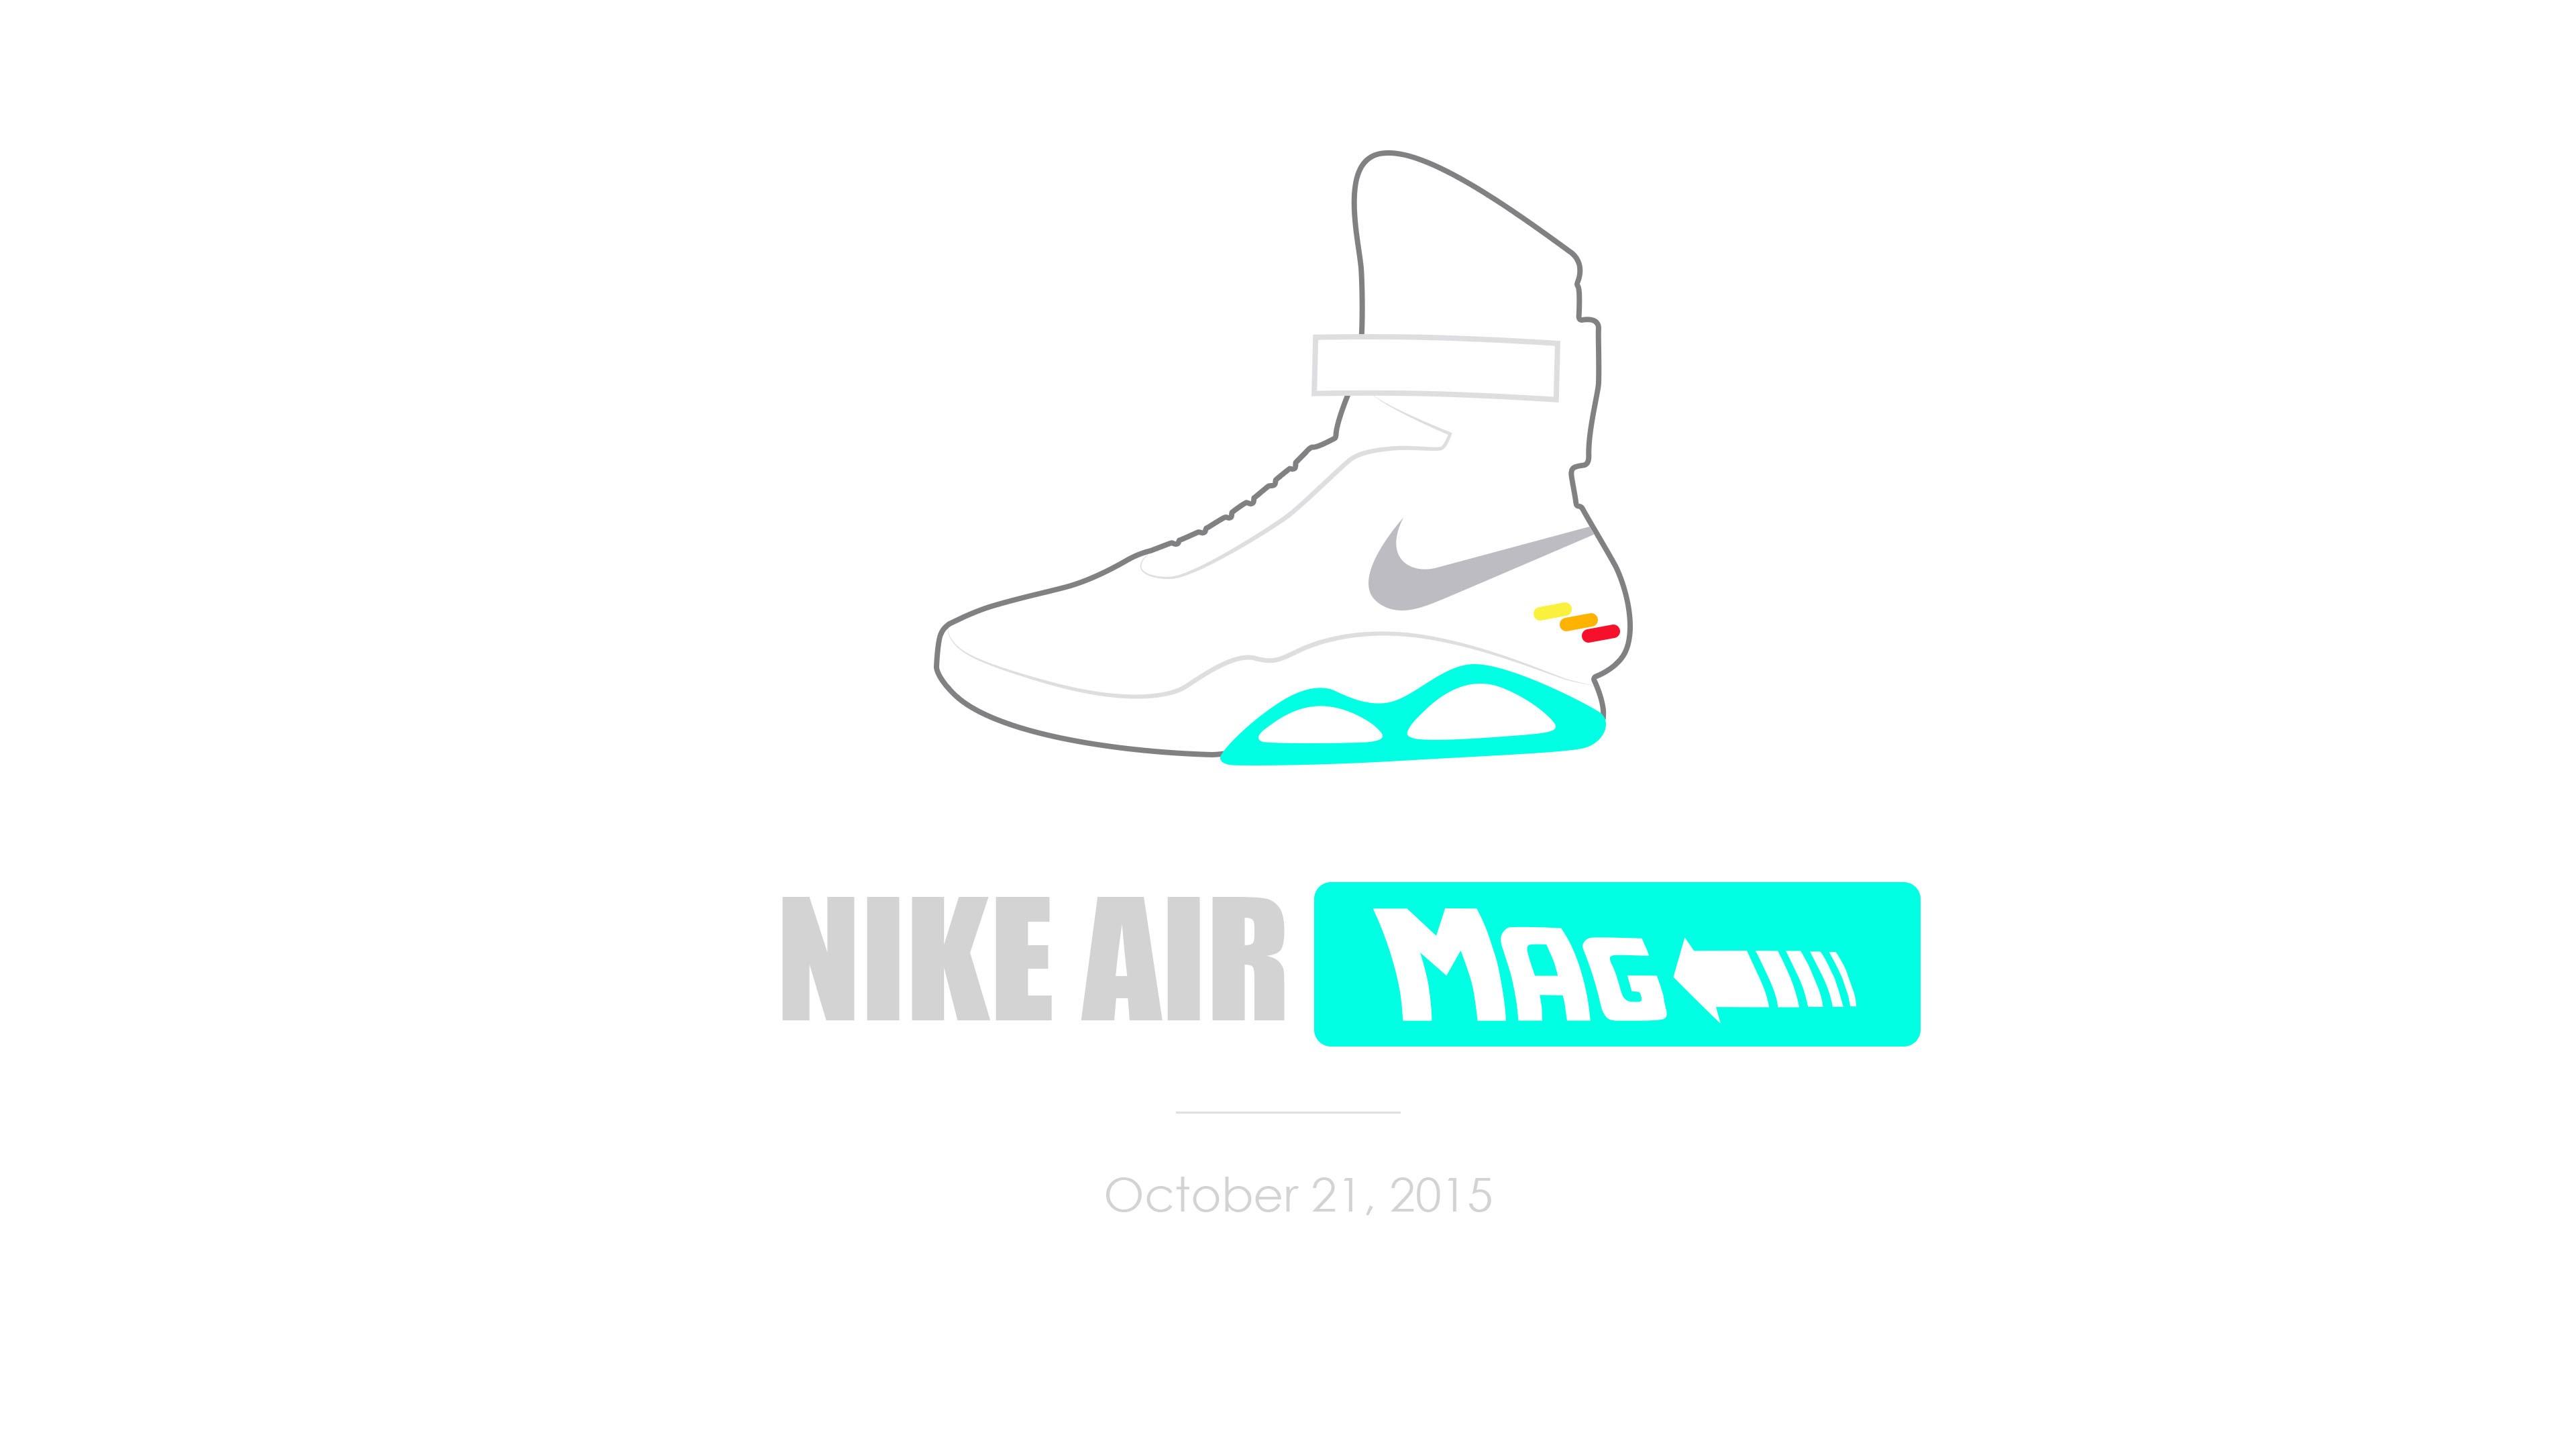 Fond D Ecran Nike Dessin Ouvrages D Art Films Logo Retour Vers Le Futur Marque Steven Spielberg Divertissement Forme Ligne Chaussure Police De Caractere Produit 3840x2160 Phoenixblood 172374 Fond D Ecran Wallhere